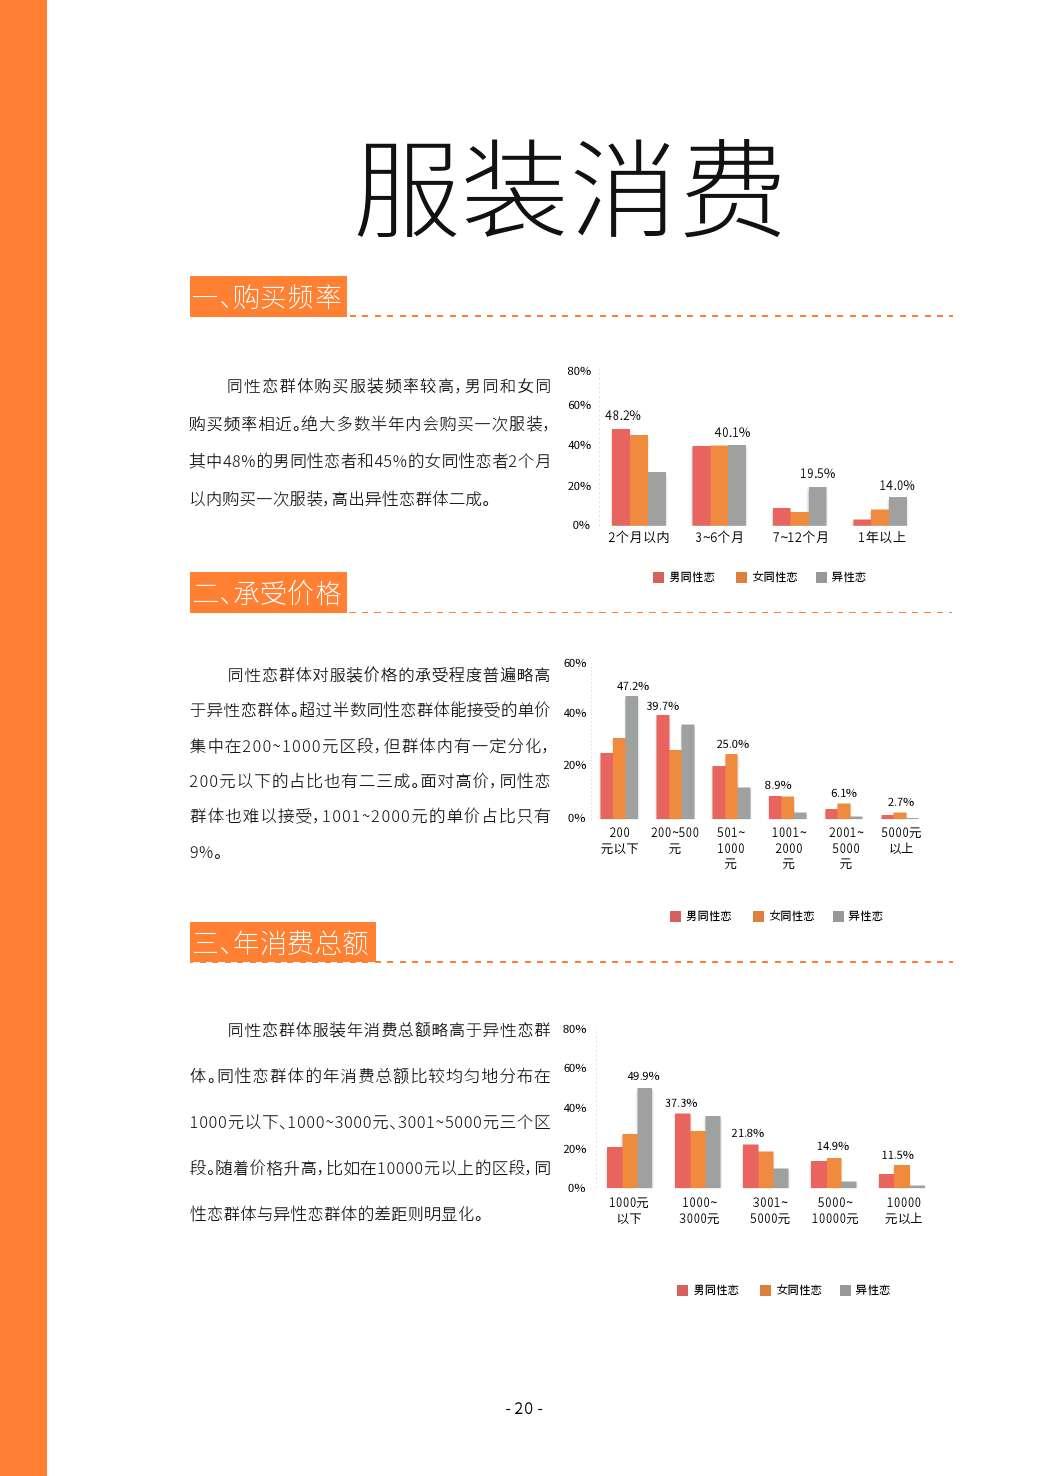 第二届中国LGBT群体消费调查报告_000020